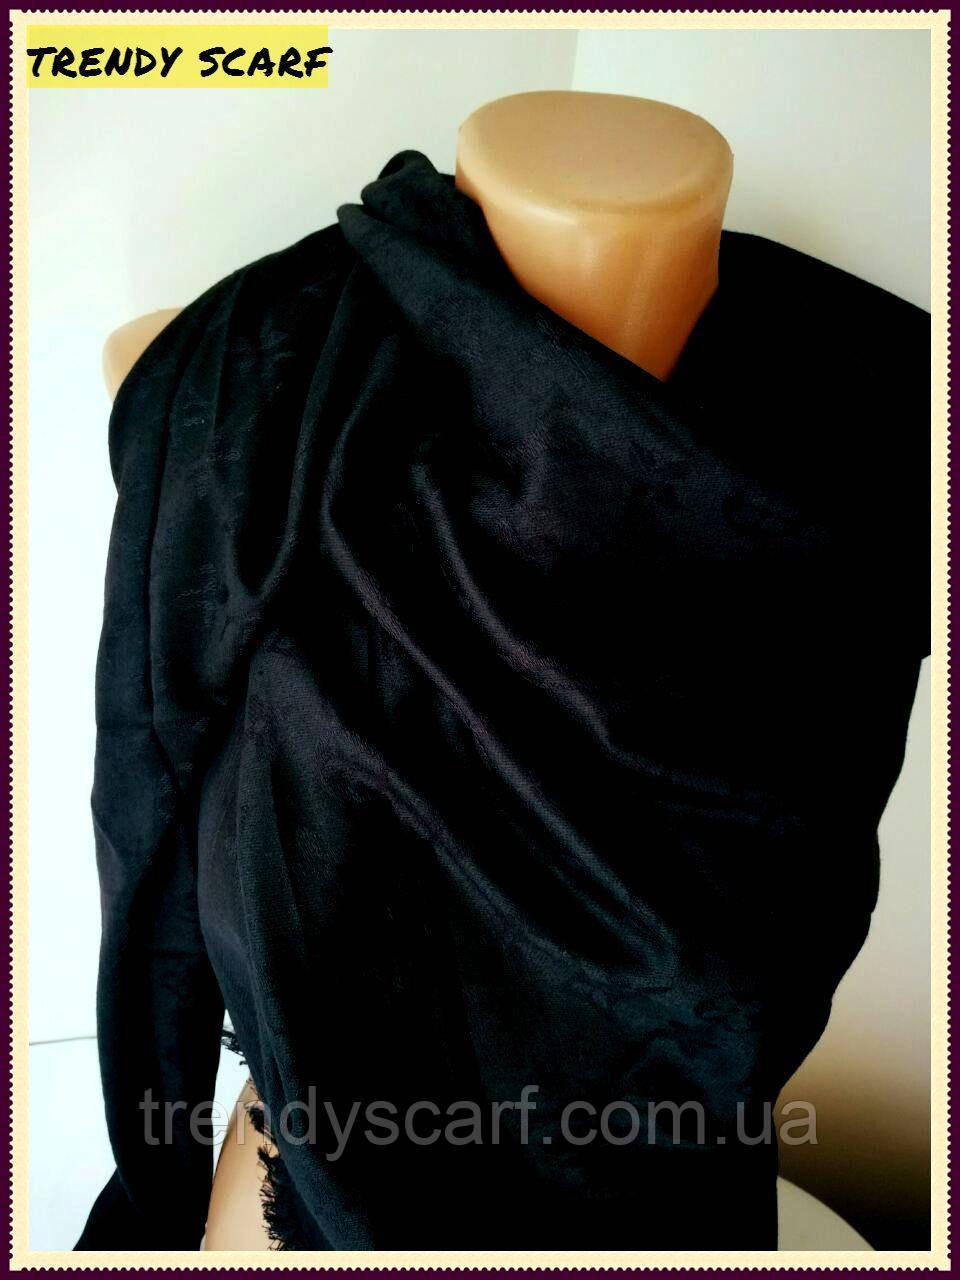 Женский Платок Louis Vuitton бренд Луи Виттон черный цвет monogram реплика шерсть шелк 140*150 см